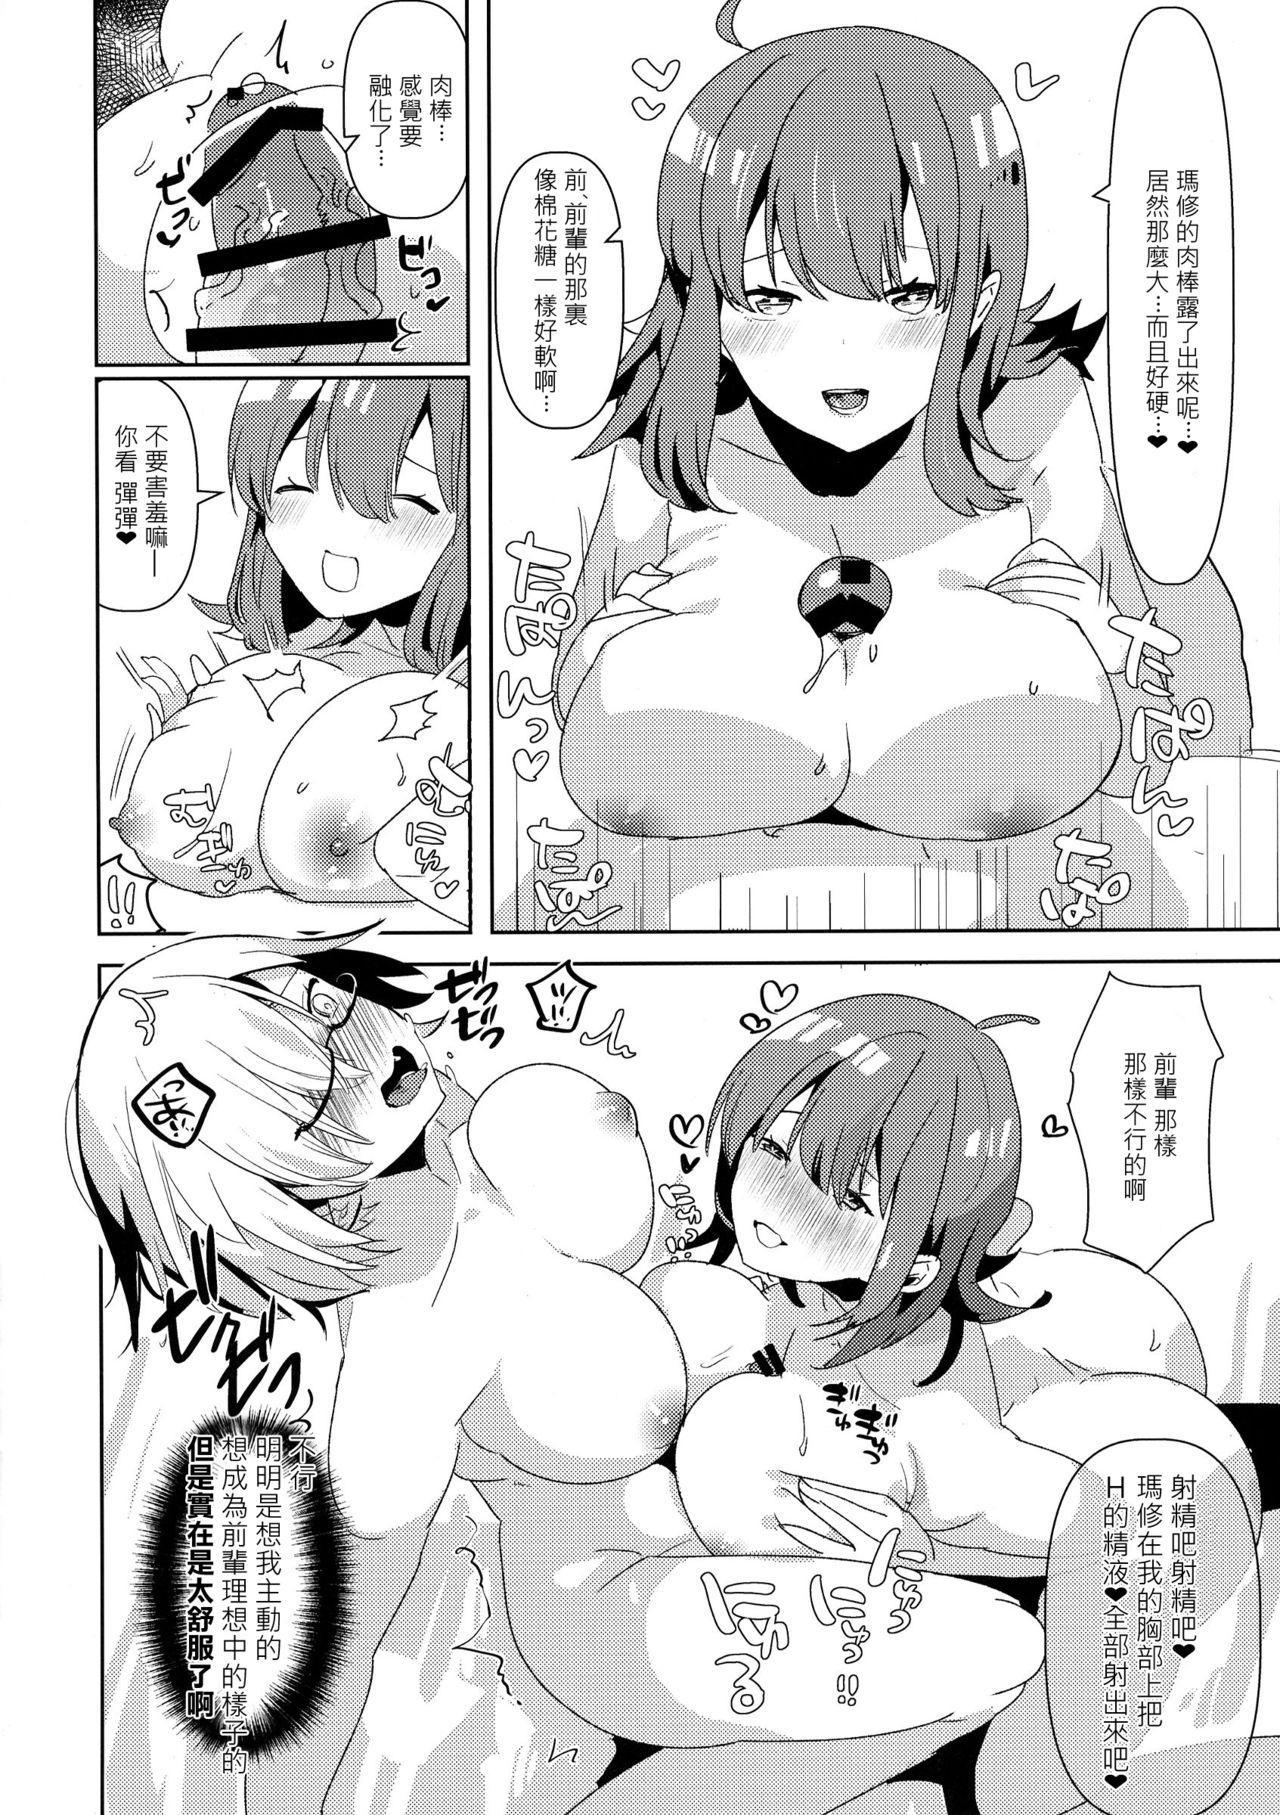 Senpai, VR yori Motto Kimochi Ii Futanari Nama Ecchi Shimasen ka? 12